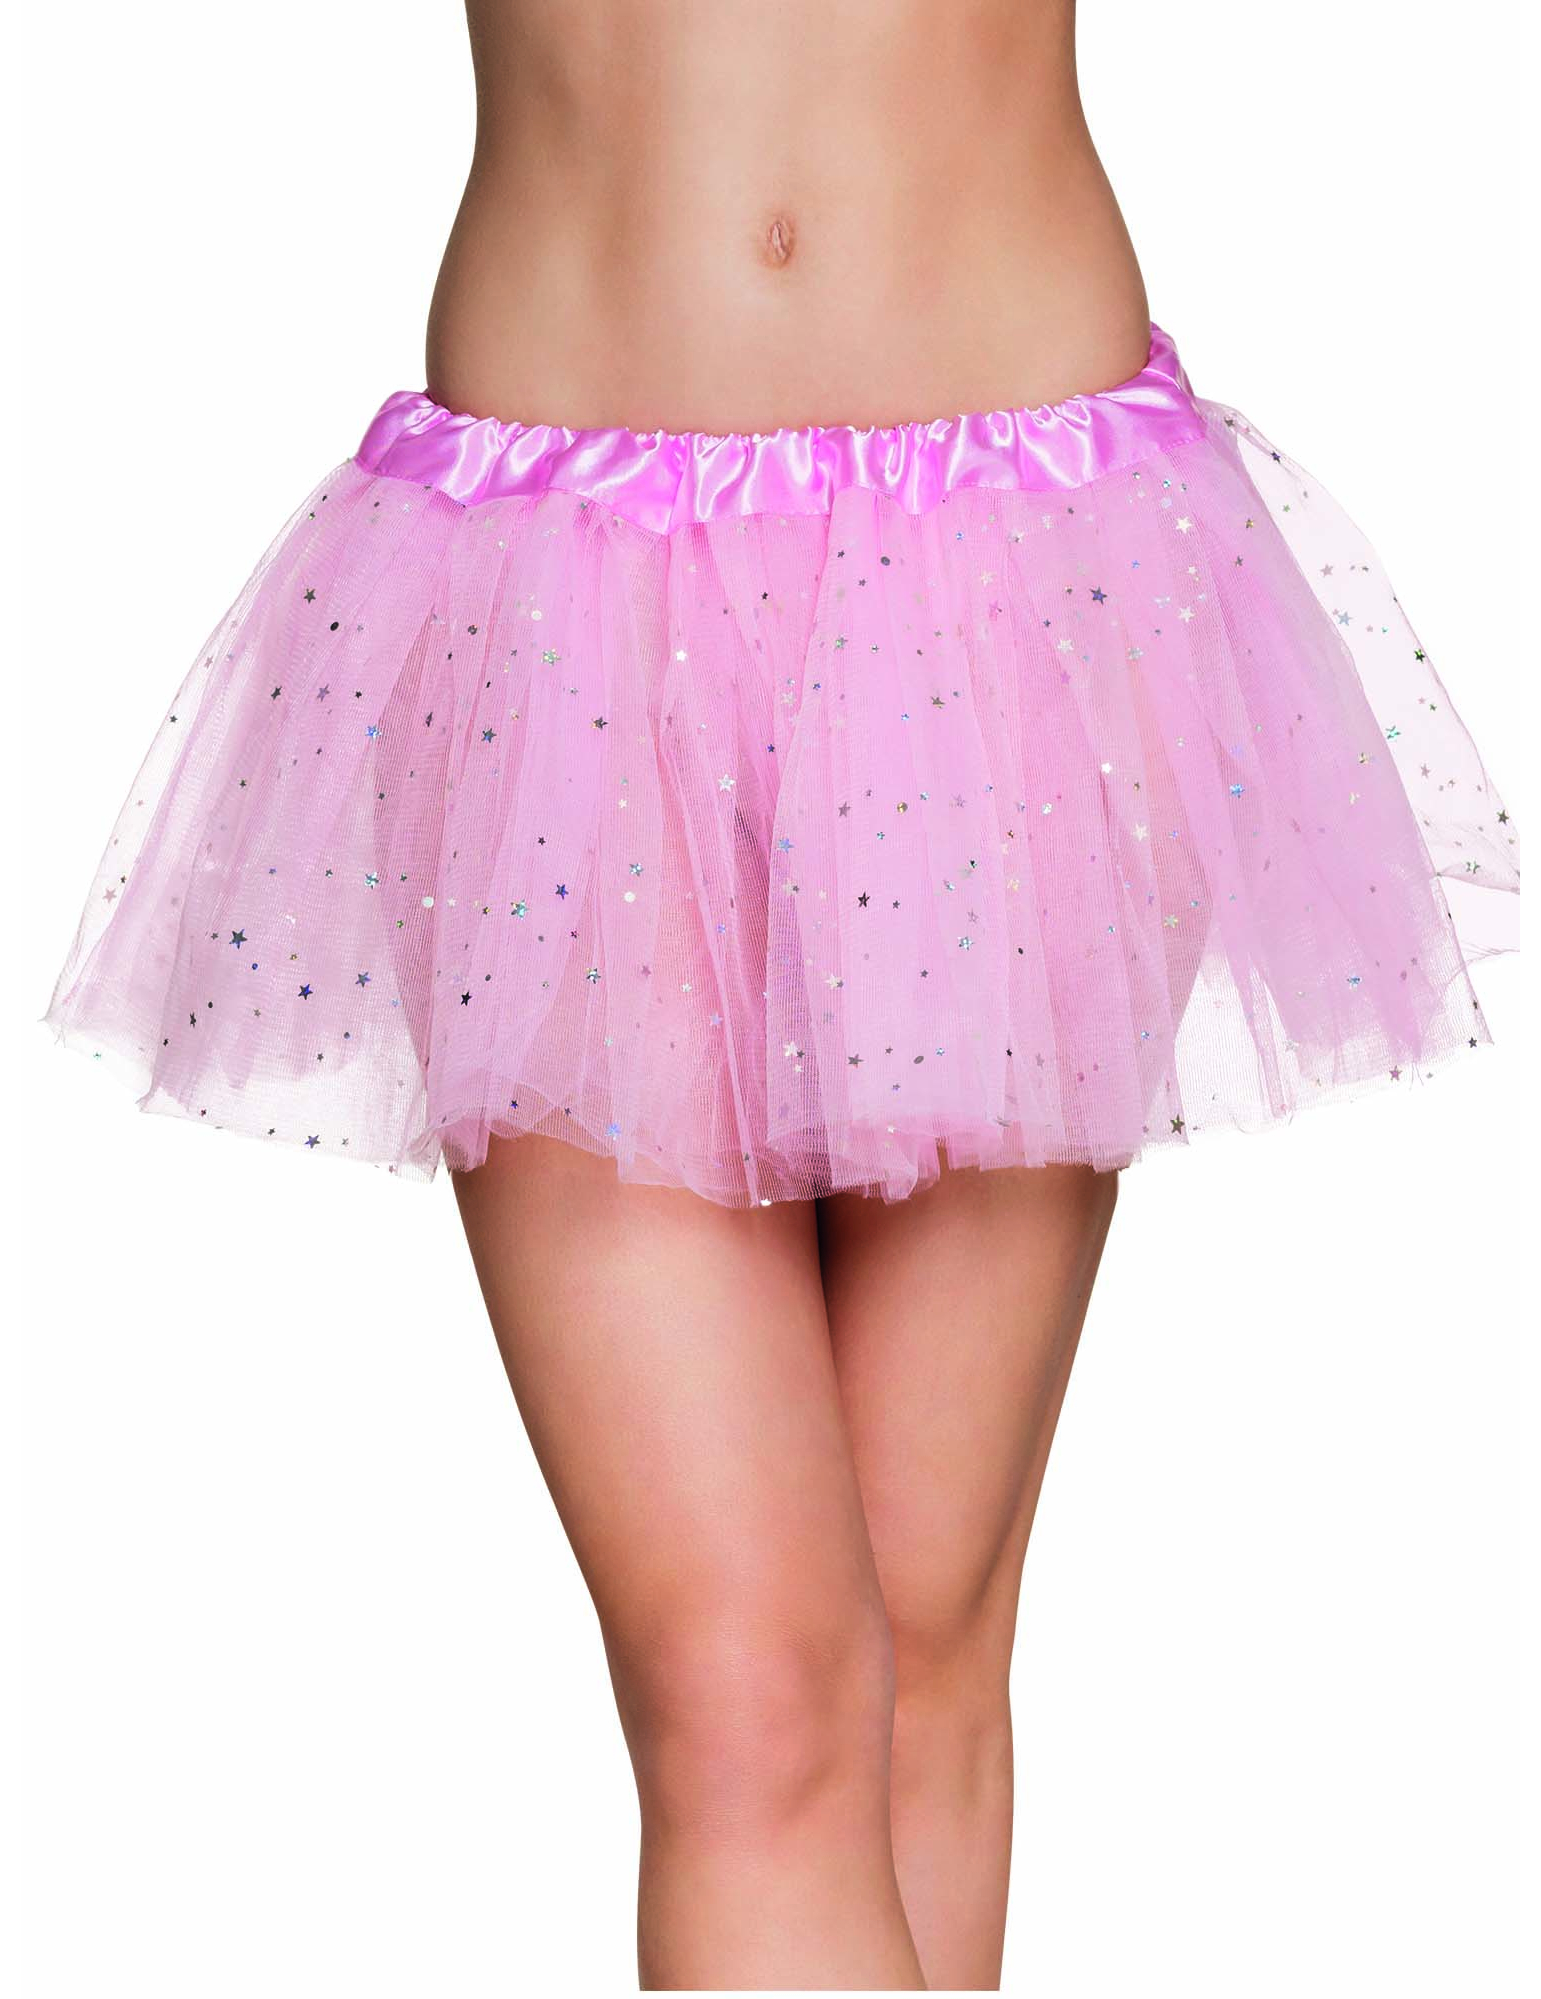 online retailer de486 564bd Süßer Tüllrock Fee Tutu mit Sternchen für Damen rosa-silber